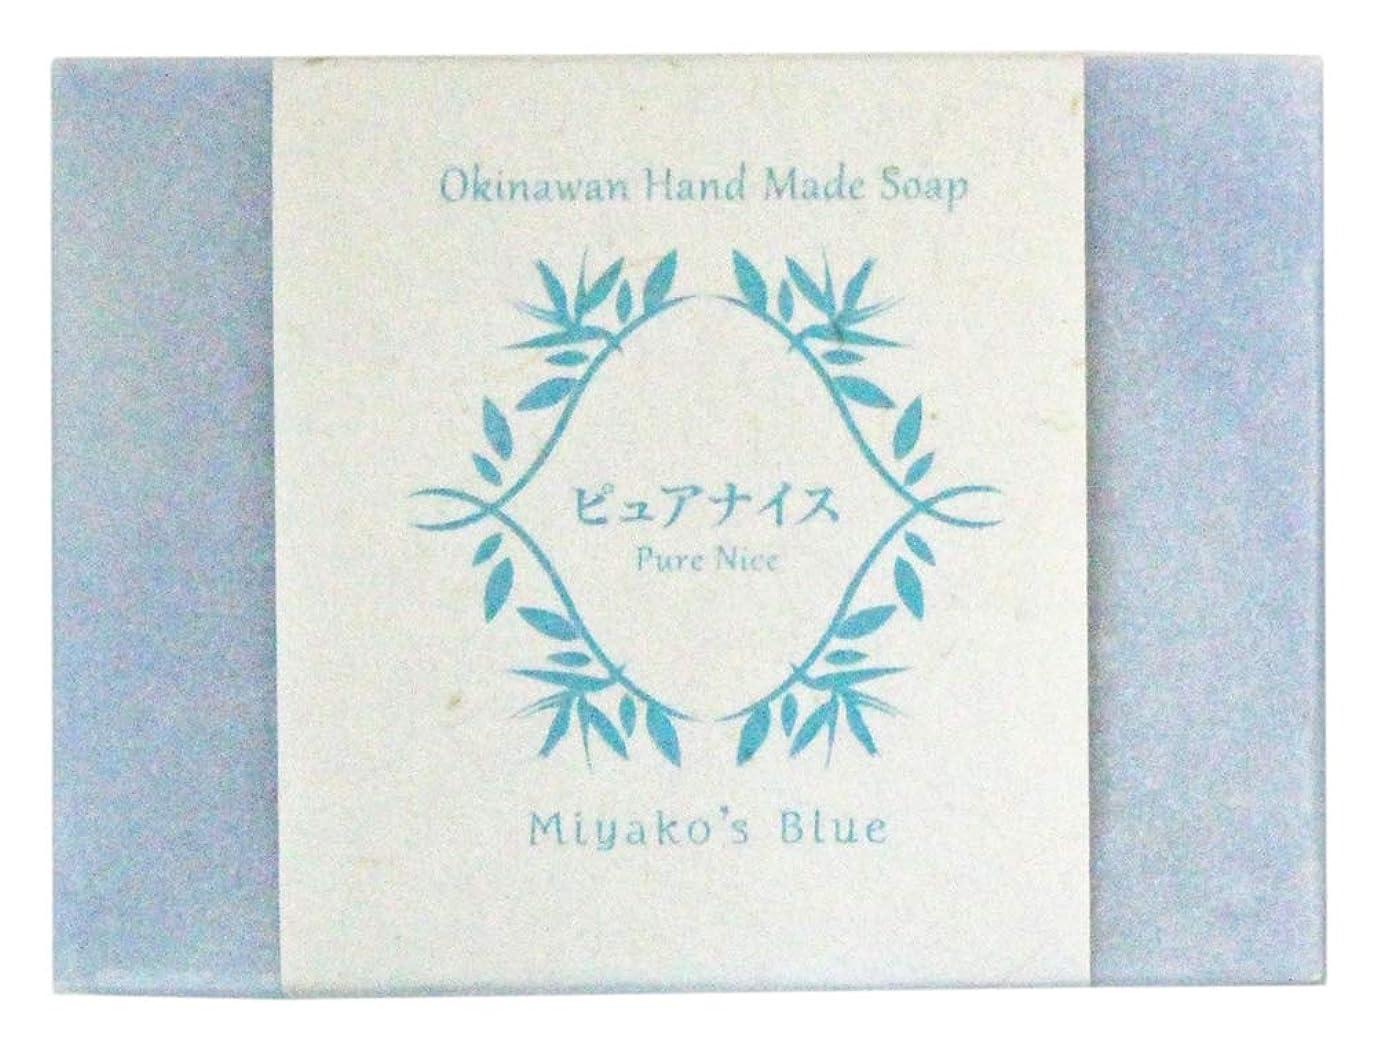 教会靄オプショナルピュアナイス おきなわ素材石けん Mikako's Blue 100g